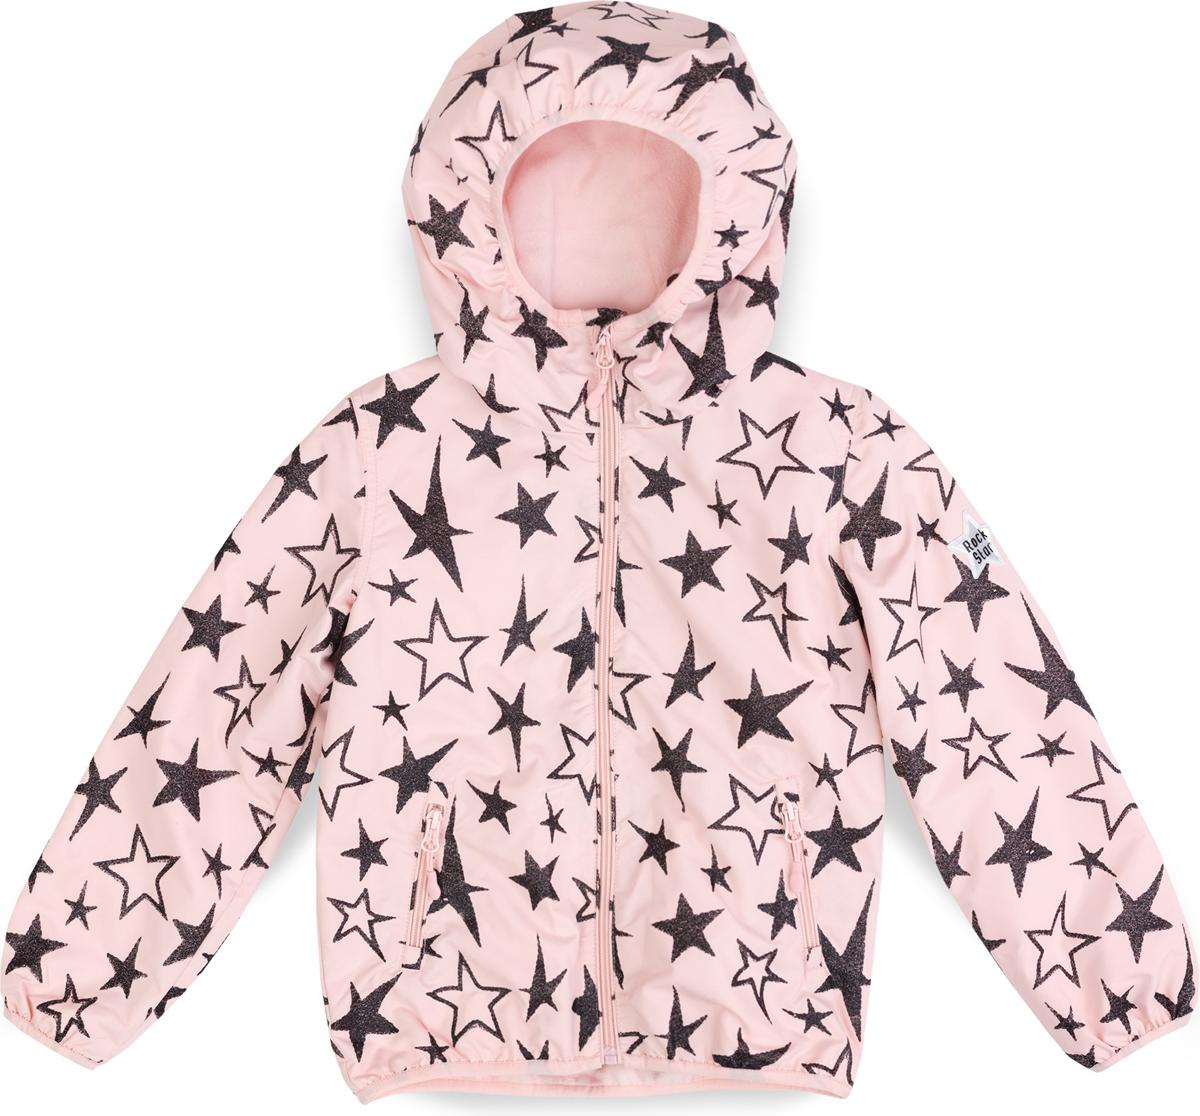 Куртка для девочки PlayToday, цвет: черный, светло-розовый. 182037. Размер 104182037Куртка из водоотталкивающей ткани. Модель на молнии. Специальный карман для фиксации бегунка не позволит застежке травмировать нежную детскую кожу. Встрочной капюшон с высоким горлом. Манжеты и низ изделия на мягких трикотажных резинках. Куртка декорирована глиттерными принтами. Дополнена встрочными карманами на молнии. Светоотражатель обеспечит видимость ребенка в темное время суток.